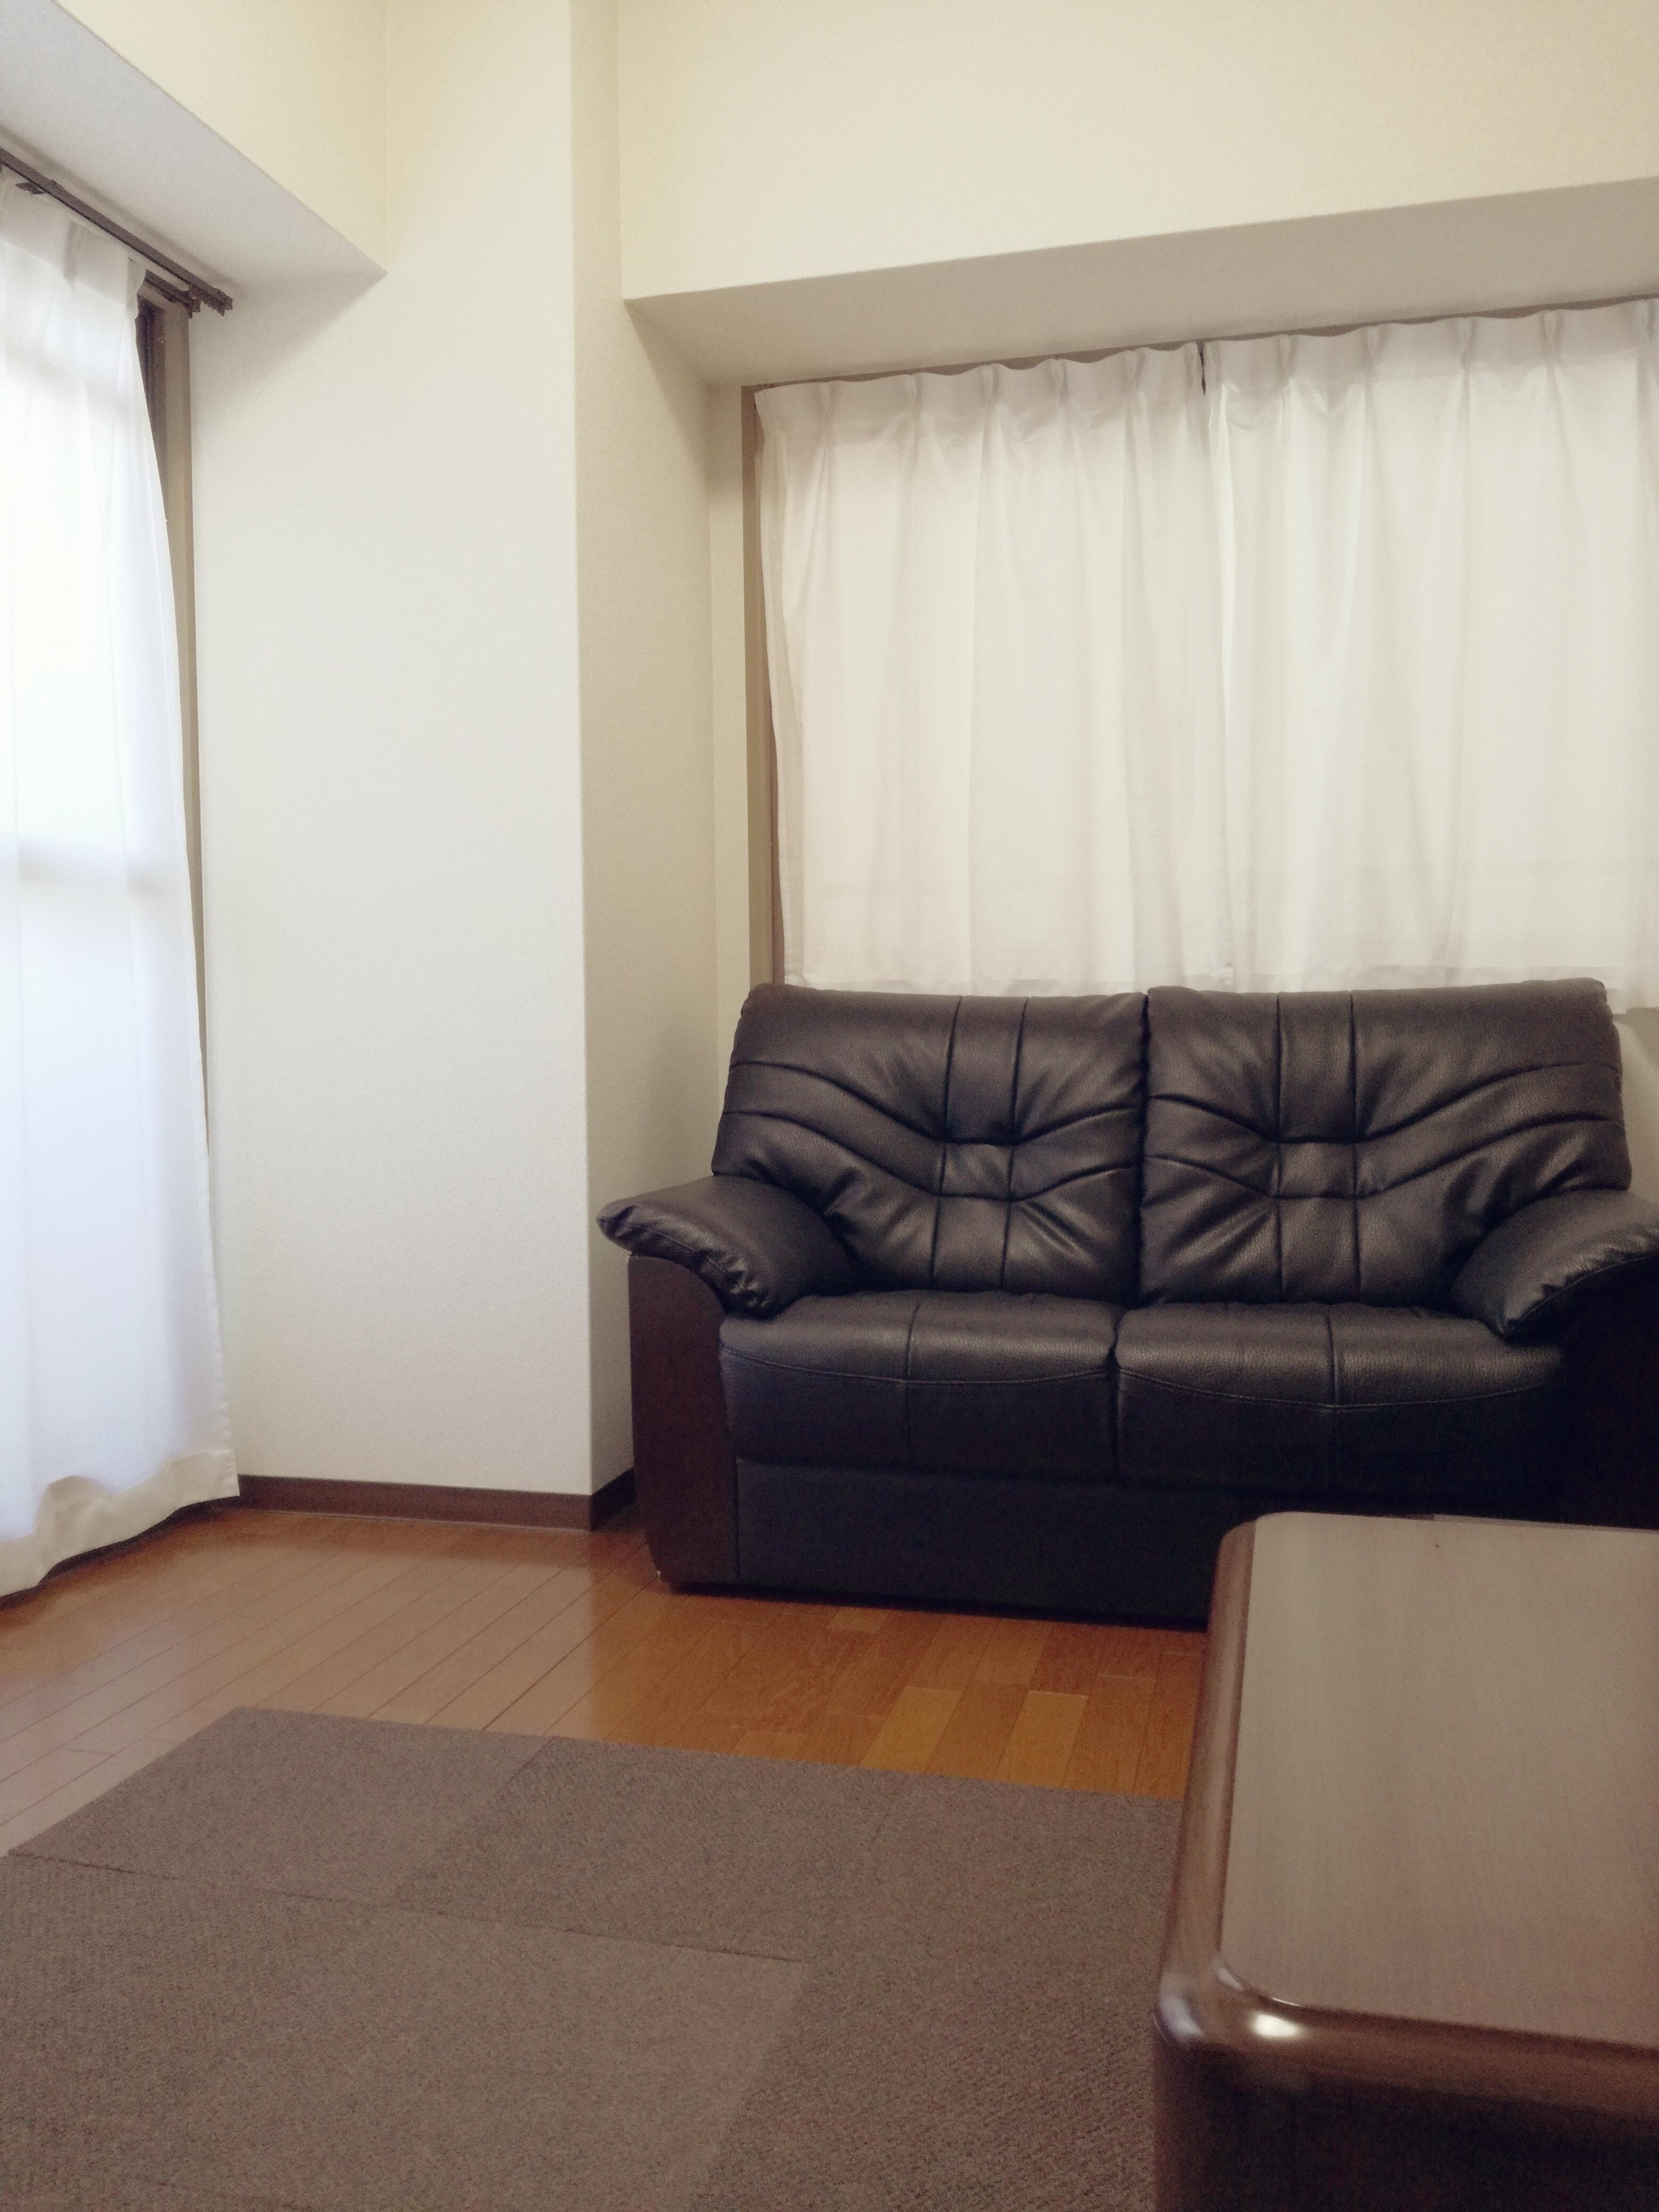 ソファーの置いている部屋